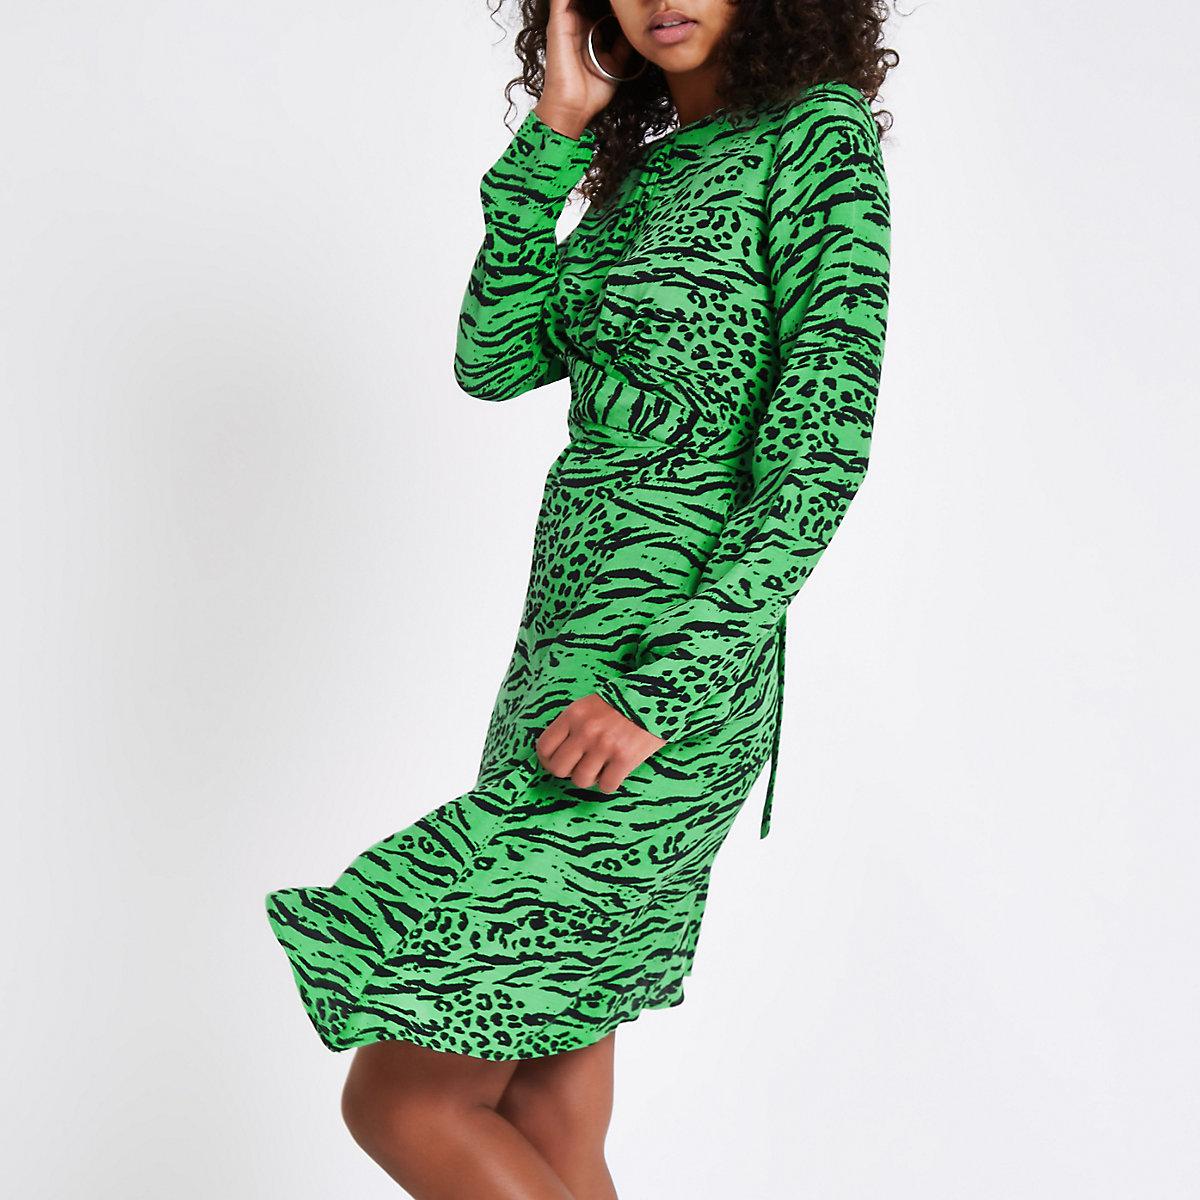 Green leopard print cross front midi dress